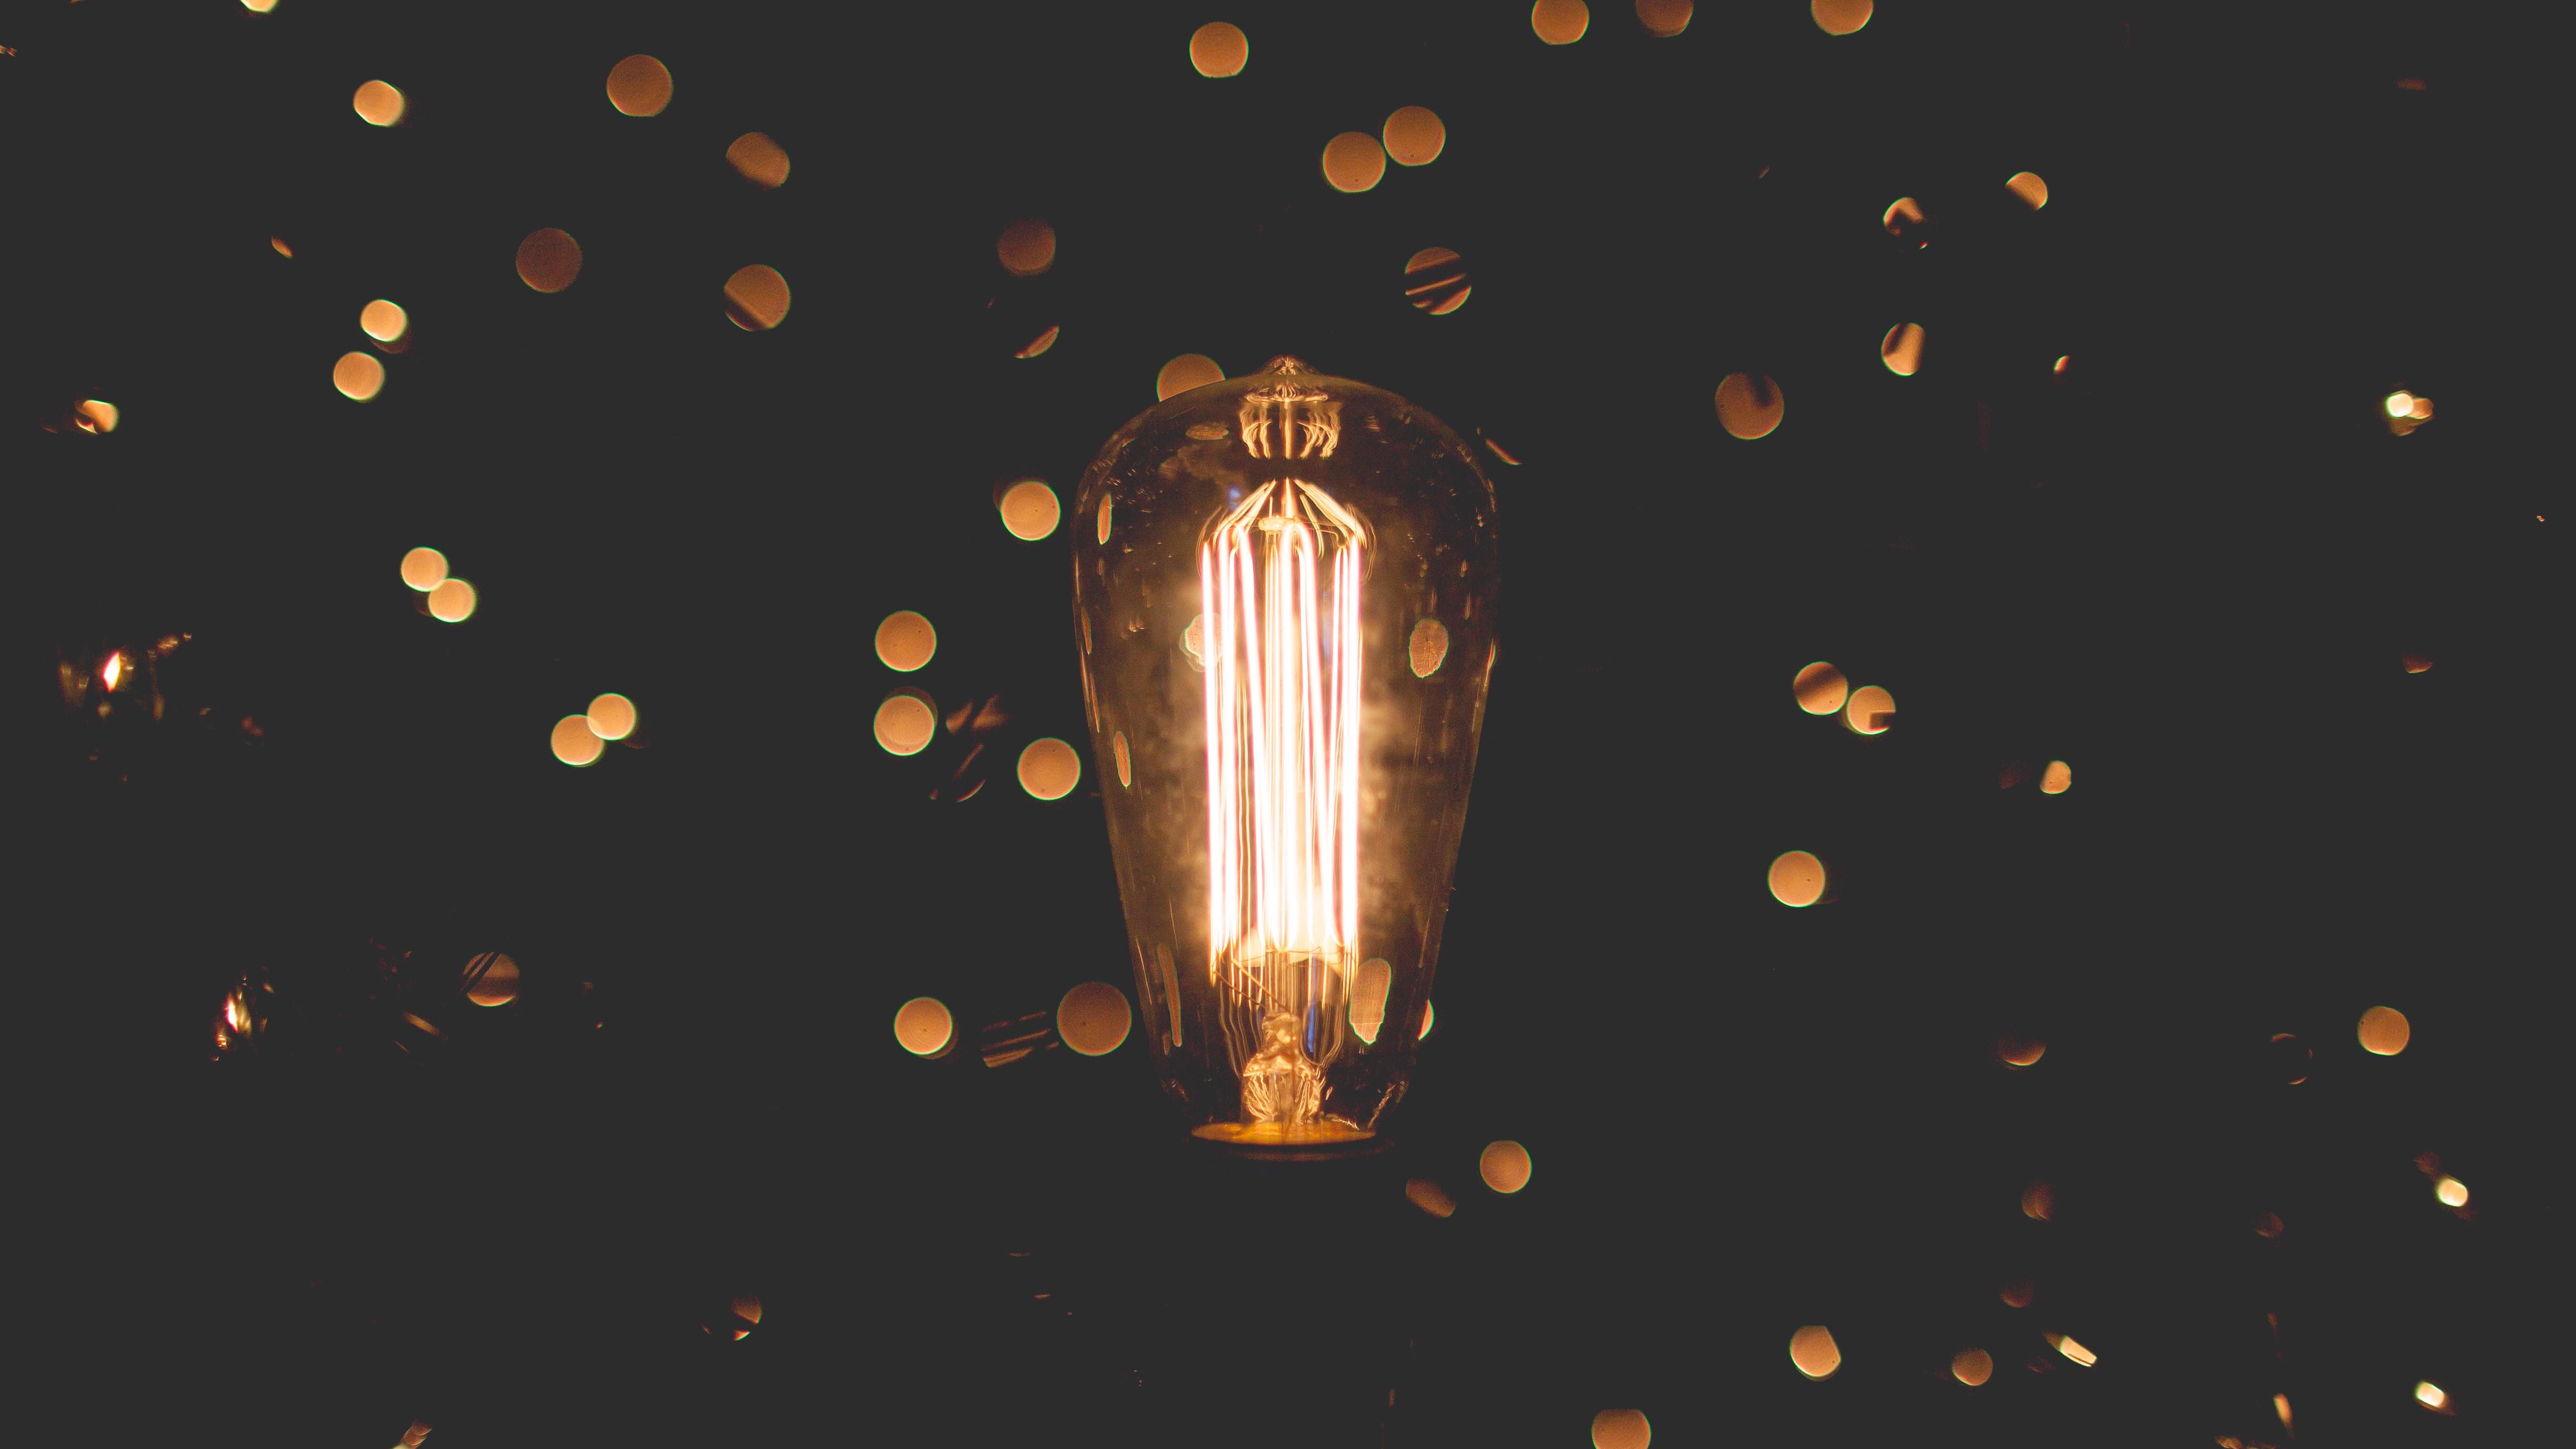 leuchtende Lampe vor schwarzem Hintergrund, Credit: Zach Lucero, Unsplash